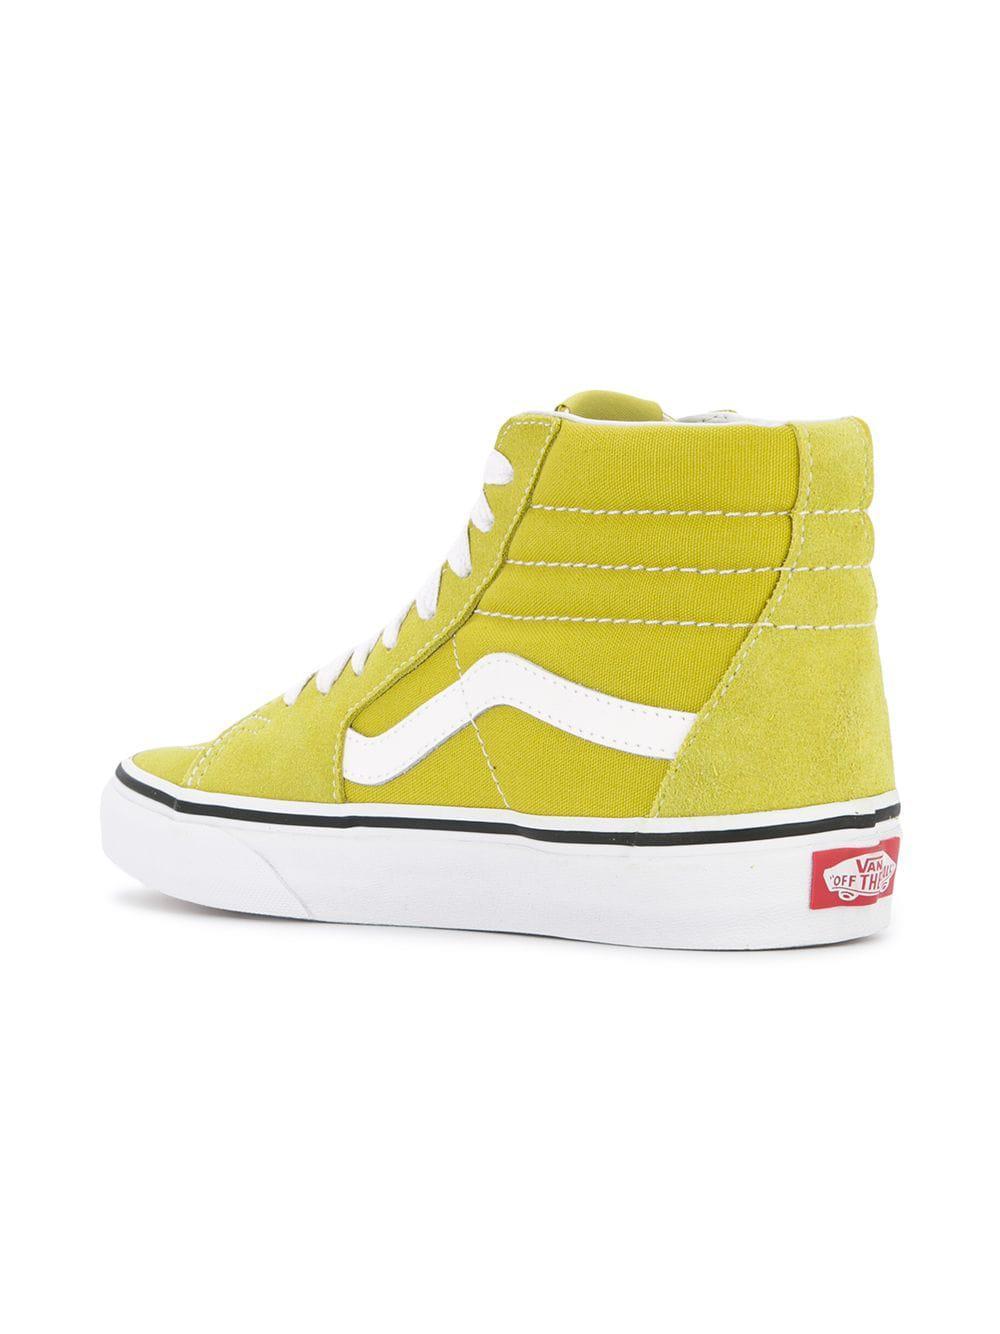 Vans - Yellow Old Skool Hi-top Sneakers - Lyst. View fullscreen 6af612476c73